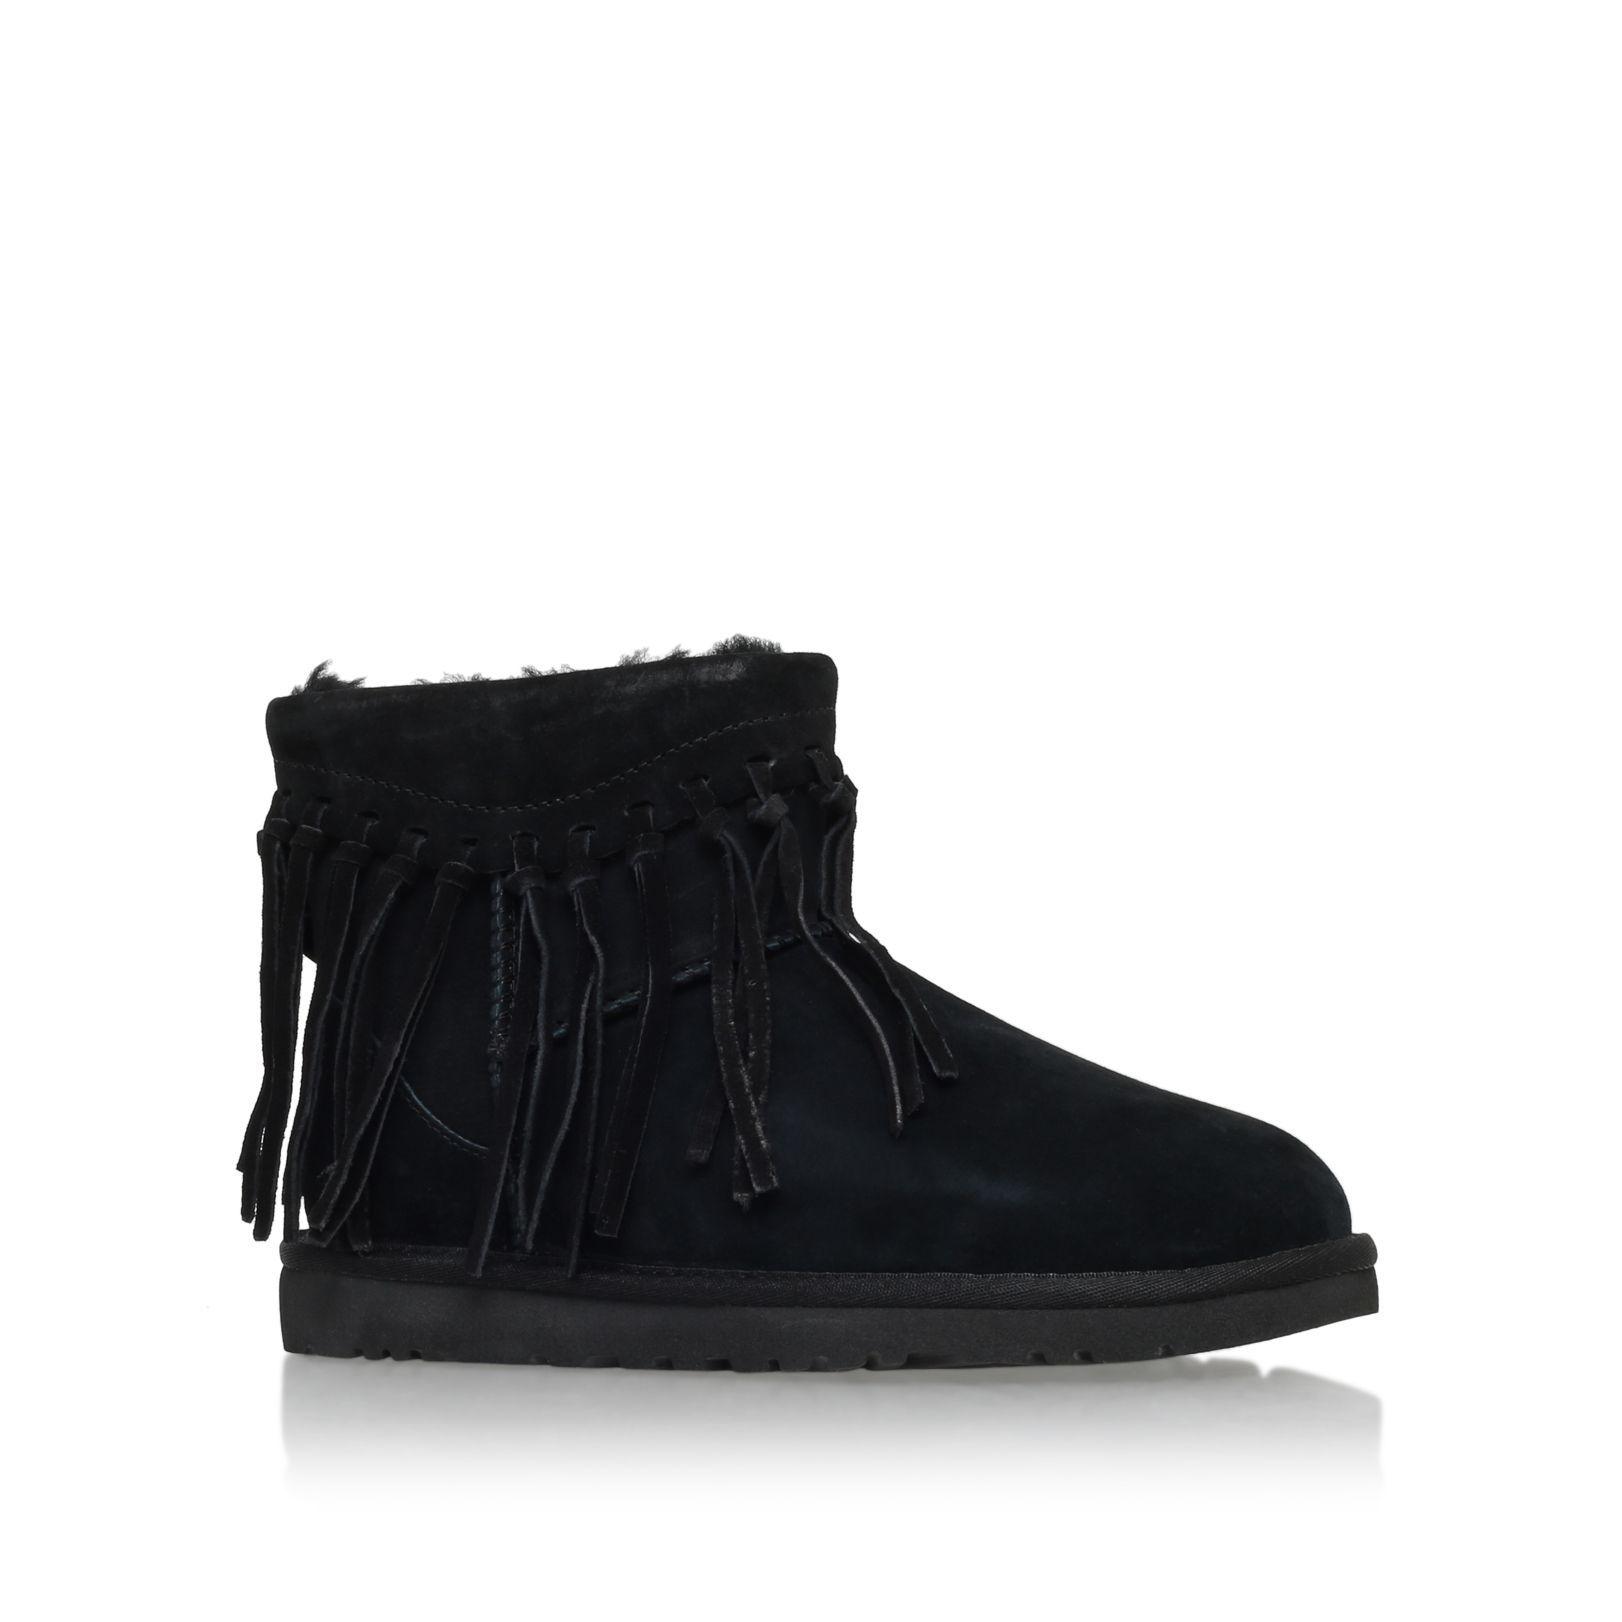 8f59333d6af UGG Wynona fringe fur lined boots, Black | Ladies Boots | Fur lined ...